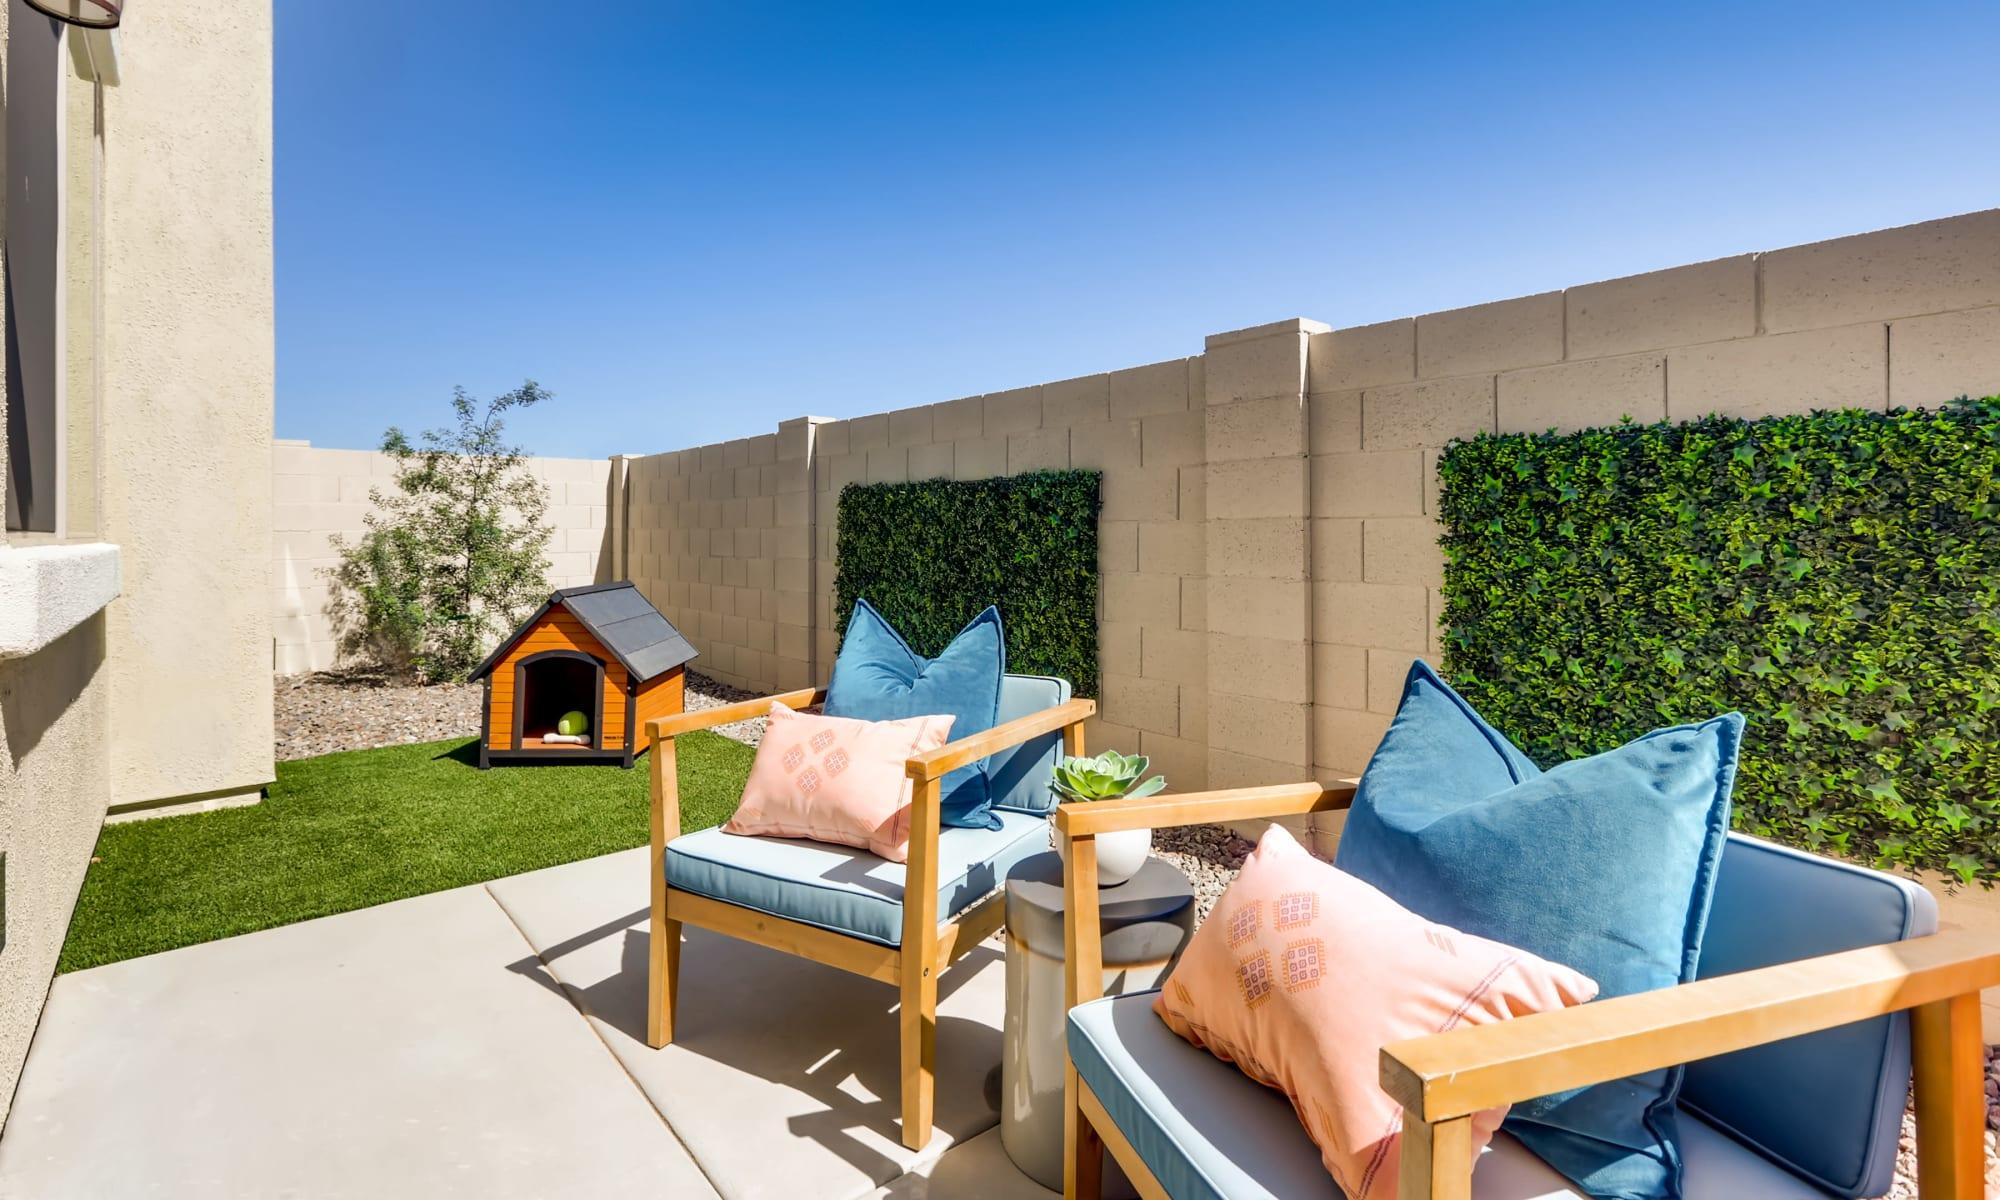 Apartment homes at Avilla Enclave in Mesa, Arizona